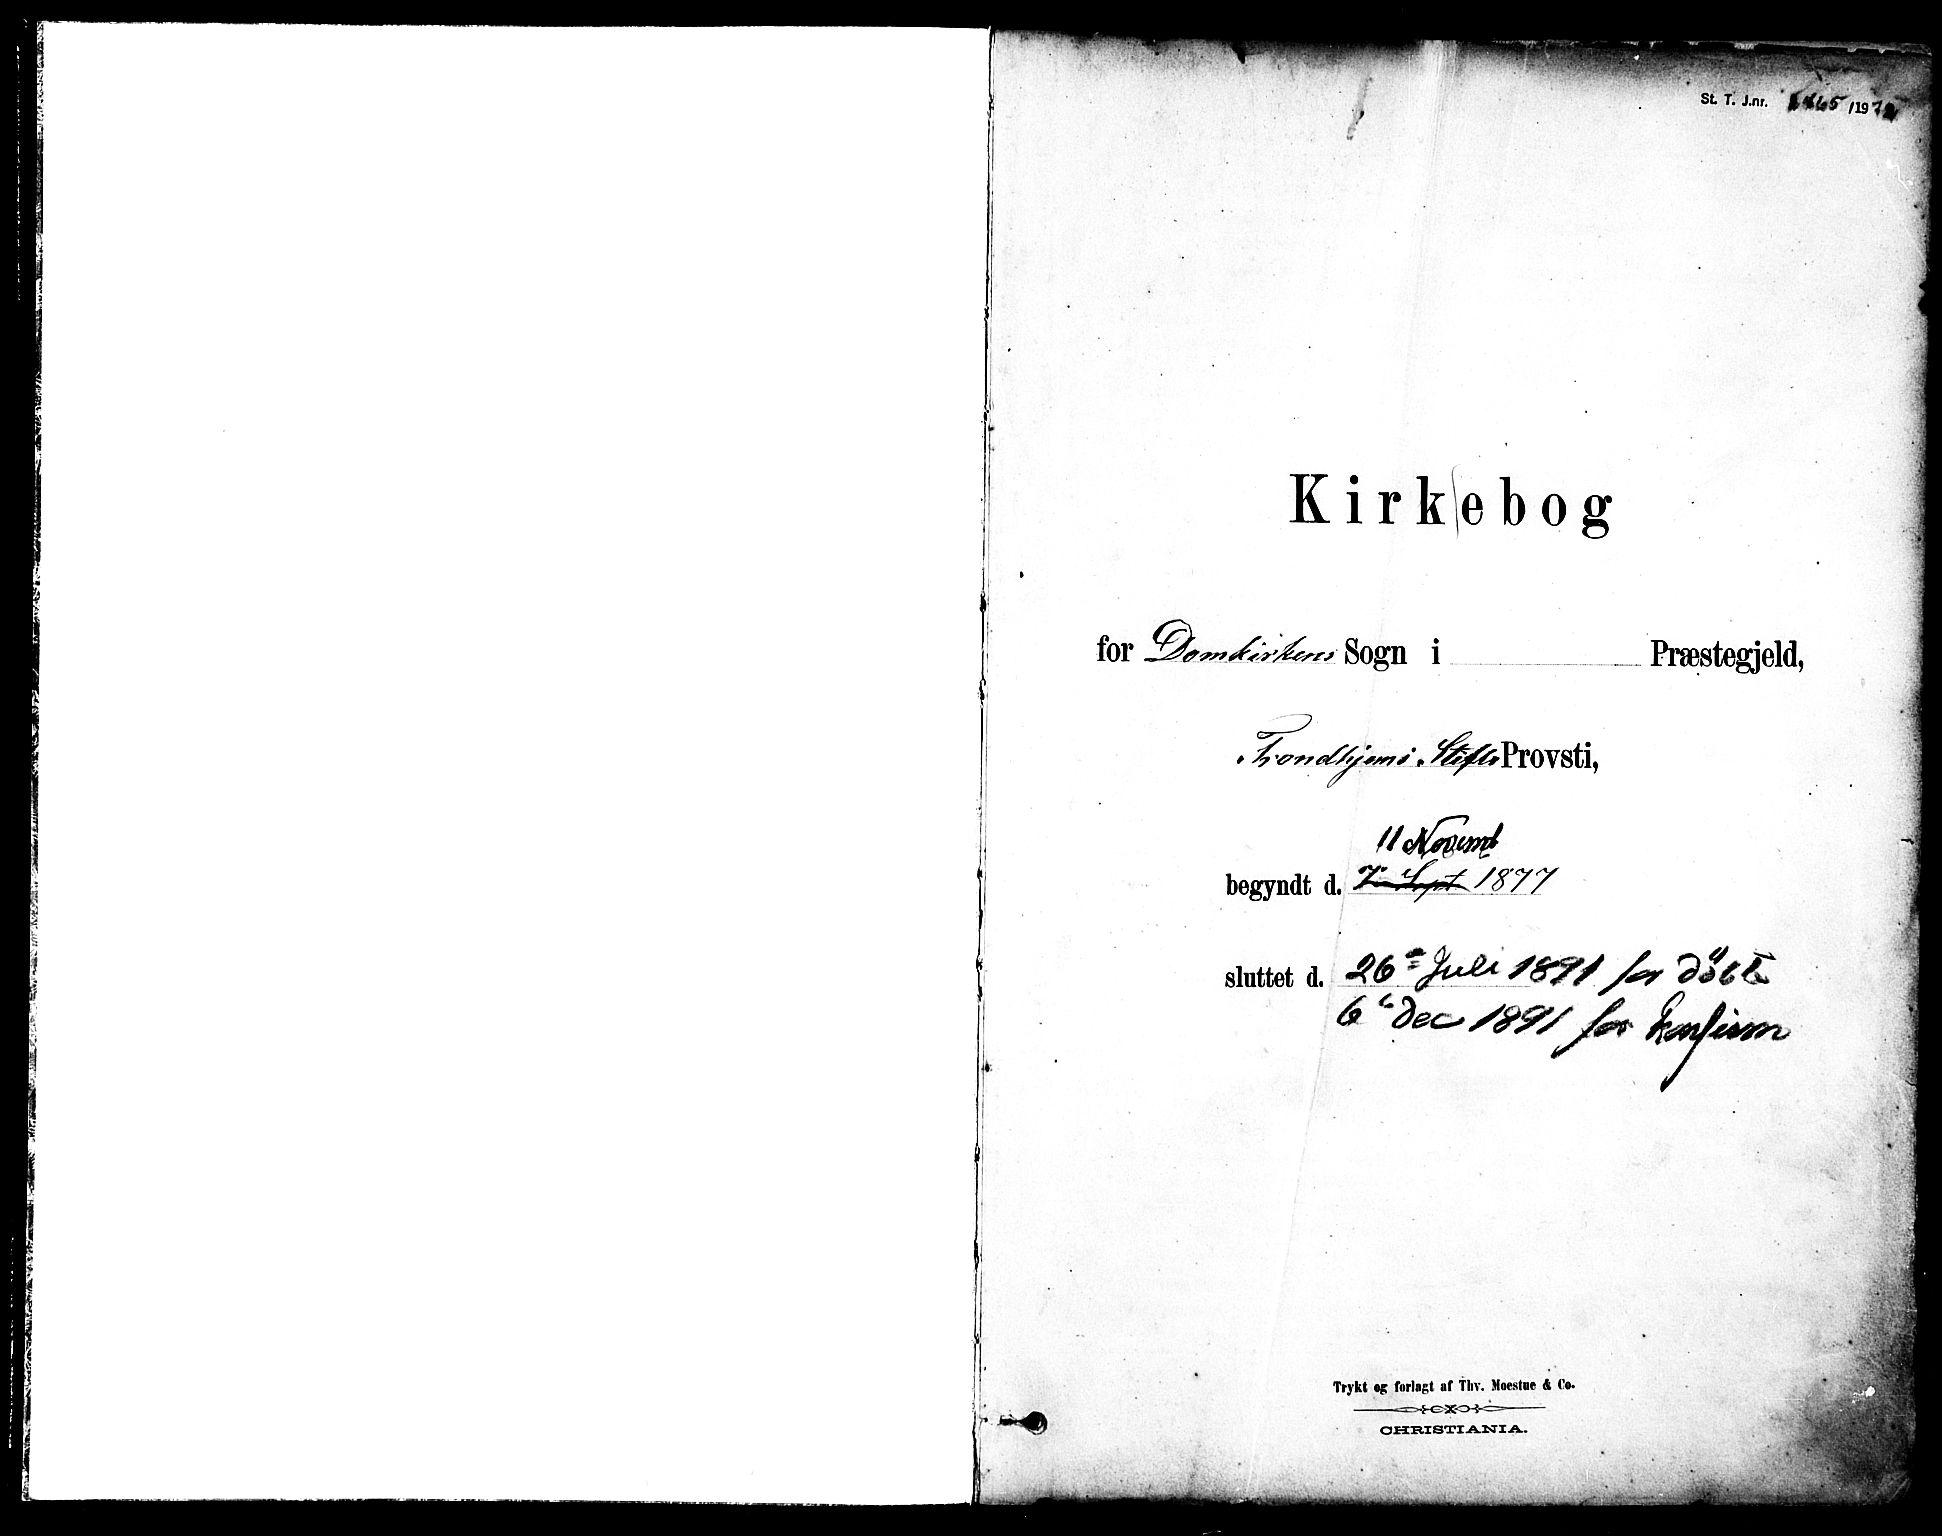 SAT, Ministerialprotokoller, klokkerbøker og fødselsregistre - Sør-Trøndelag, 601/L0057: Ministerialbok nr. 601A25, 1877-1891